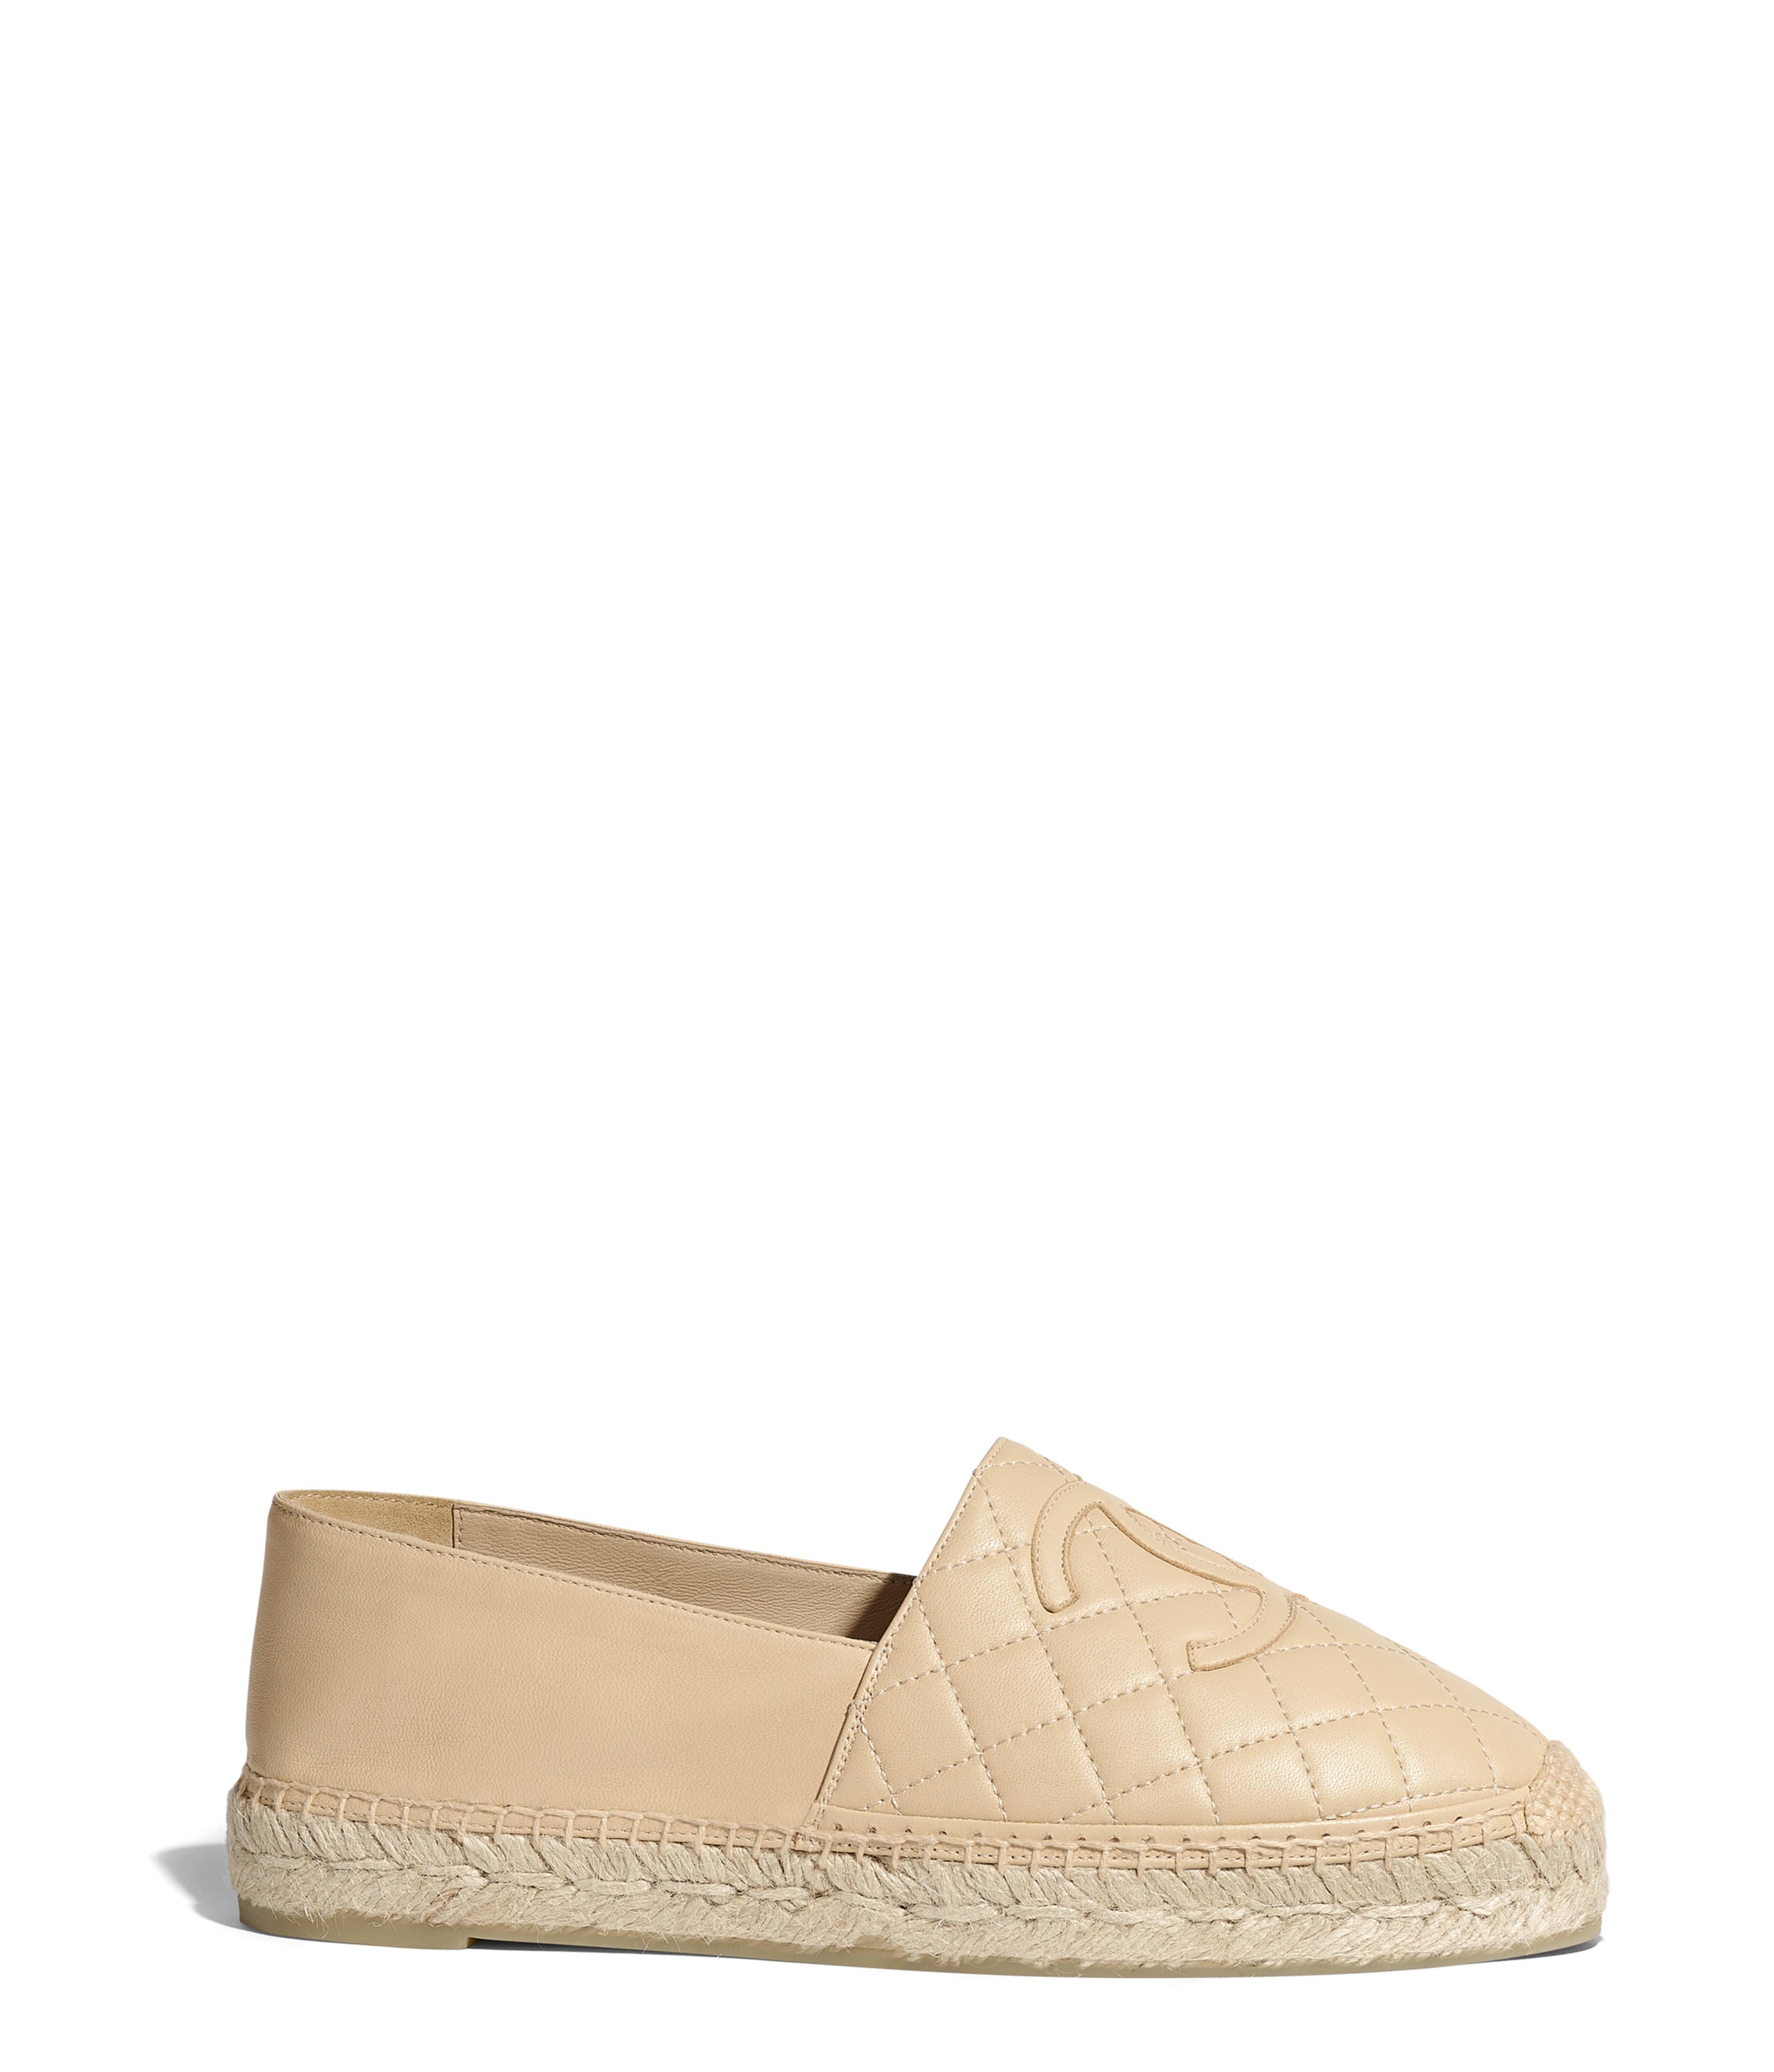 cc7c29fc9b38 Espadrilles - Shoes